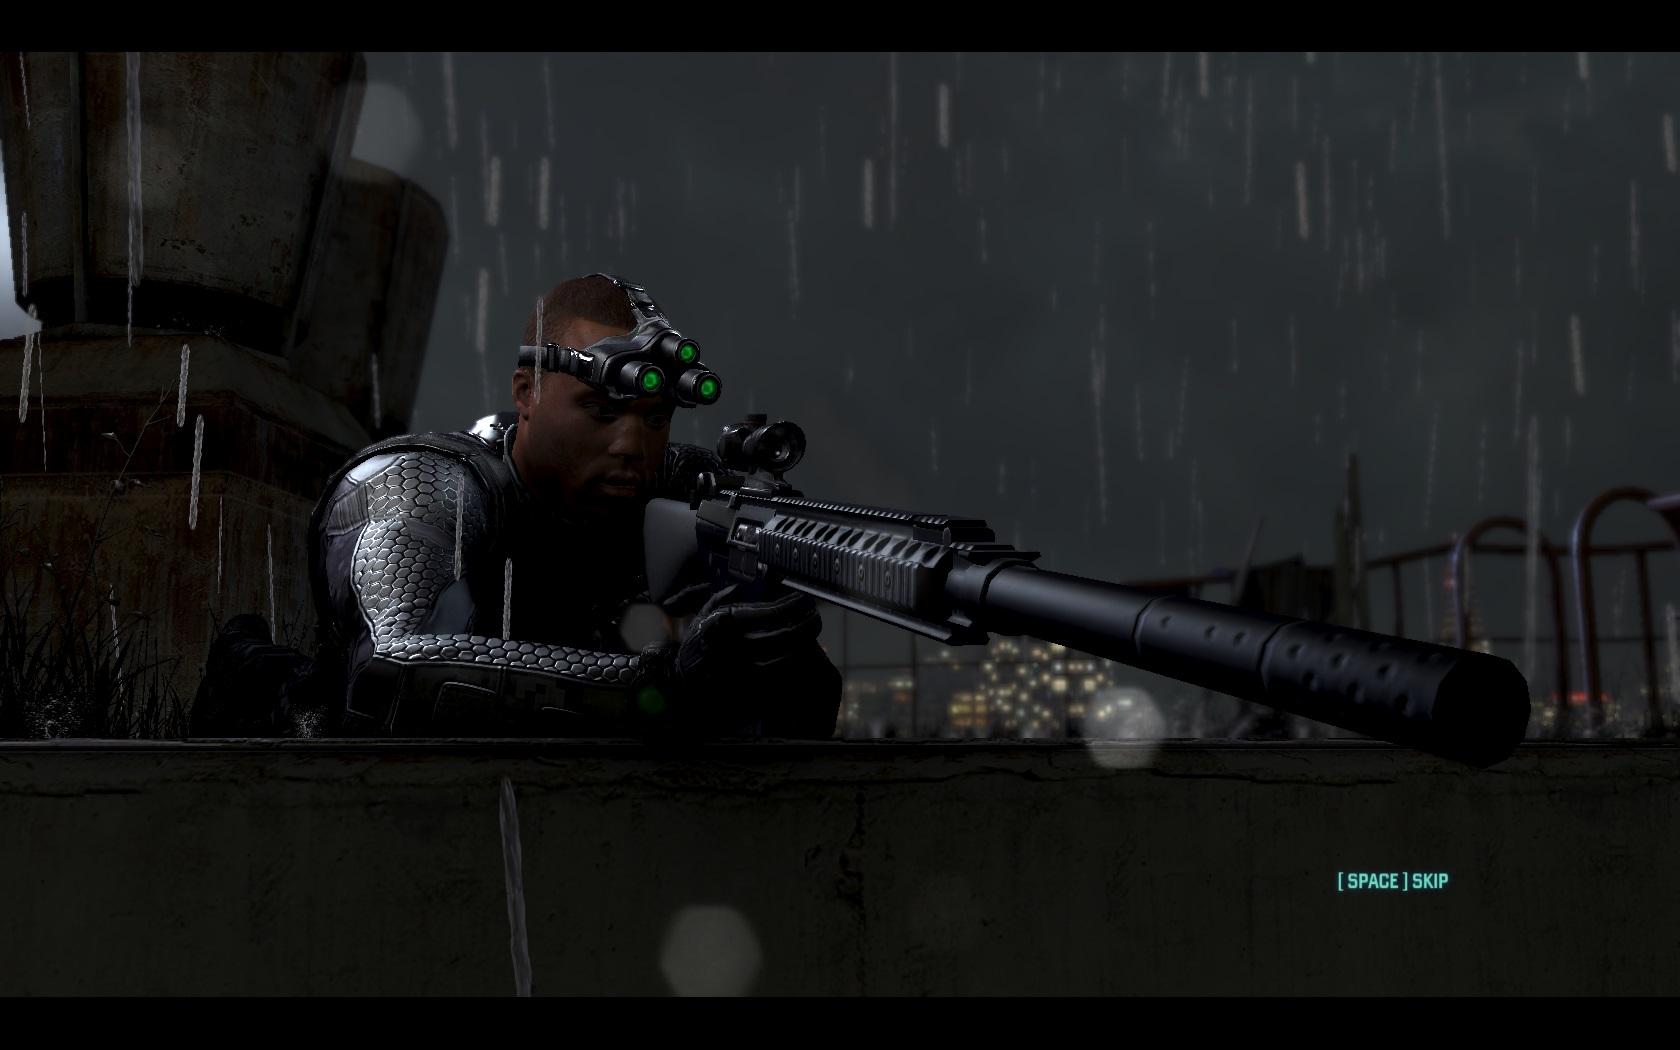 Blacklist_DX11_game 2013-08-26 05-25-21-58.jpg